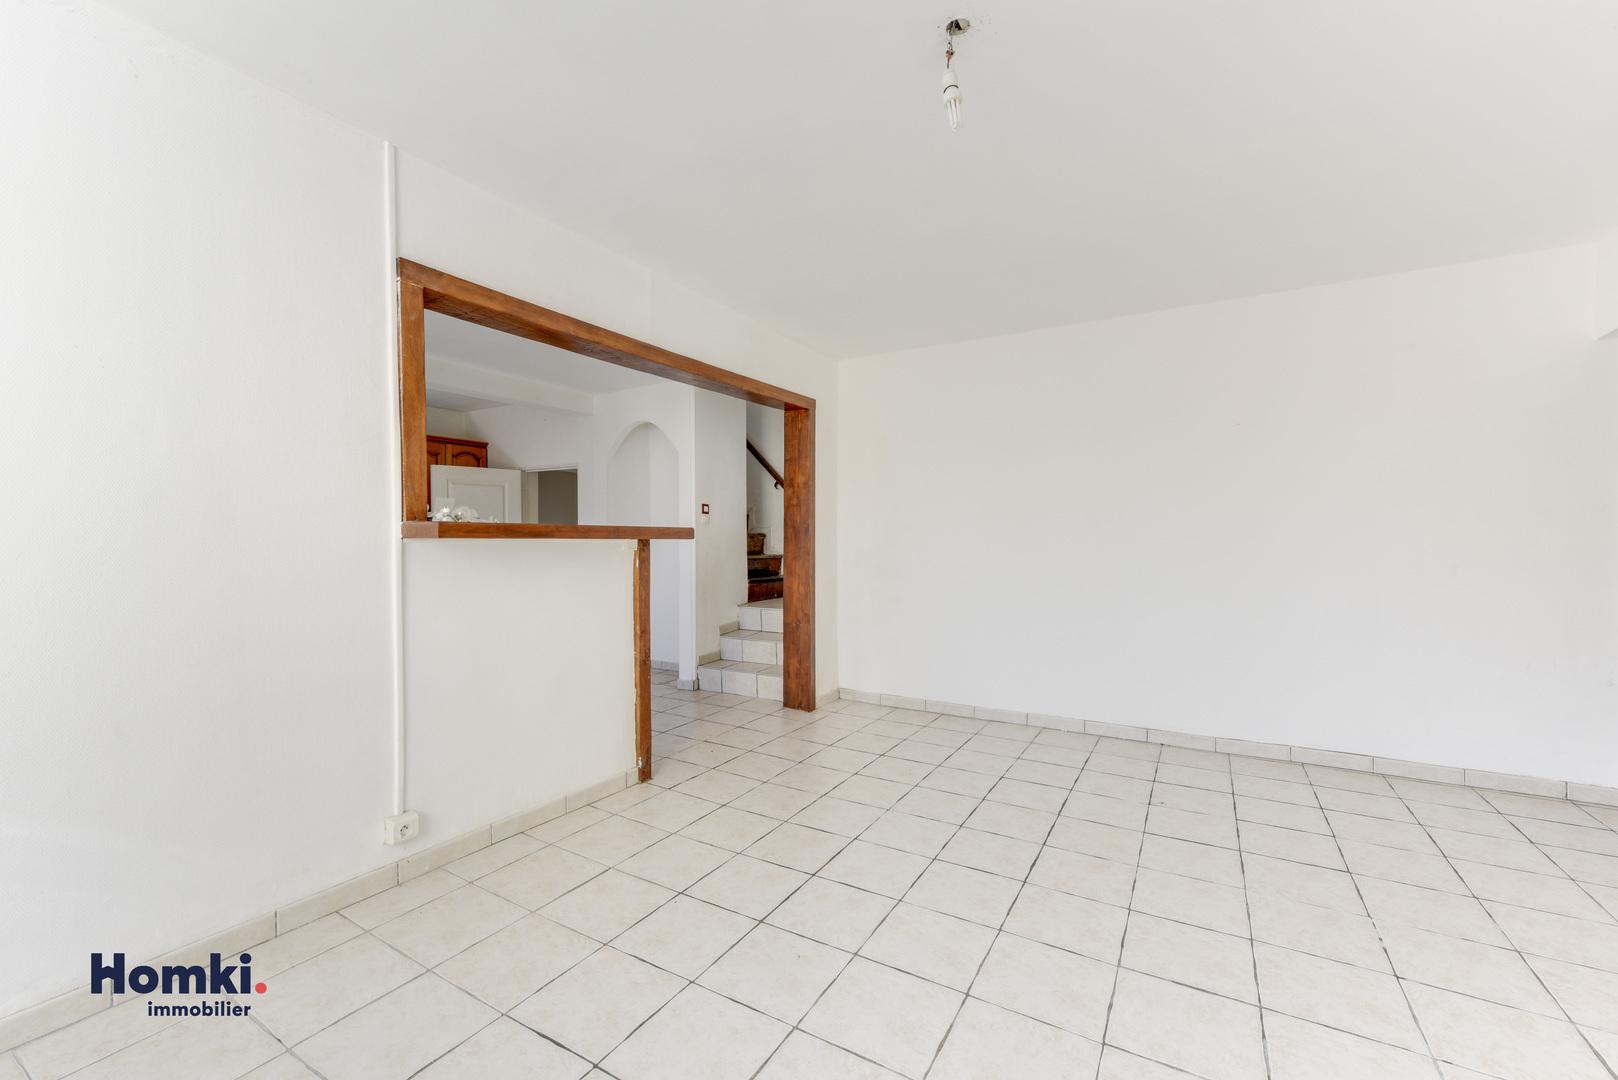 Maison I 113 m² I T4 I 38670 | photo 4